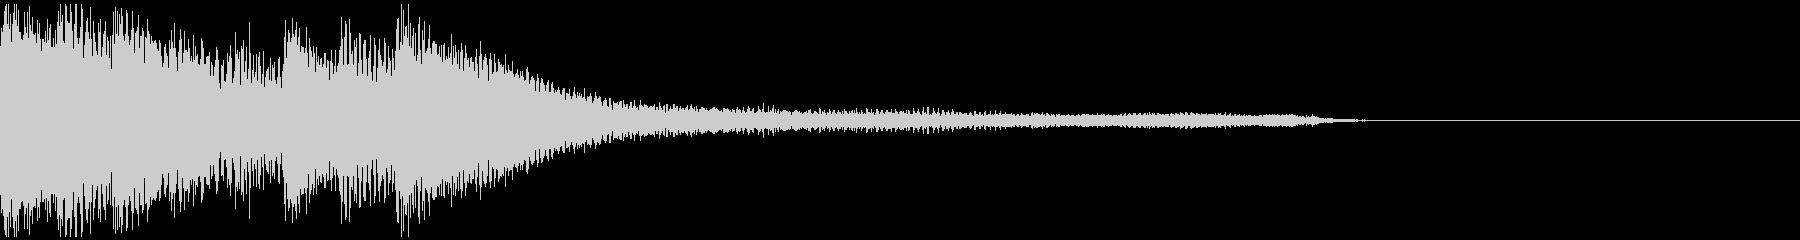 ピアノソロによるジングルの未再生の波形